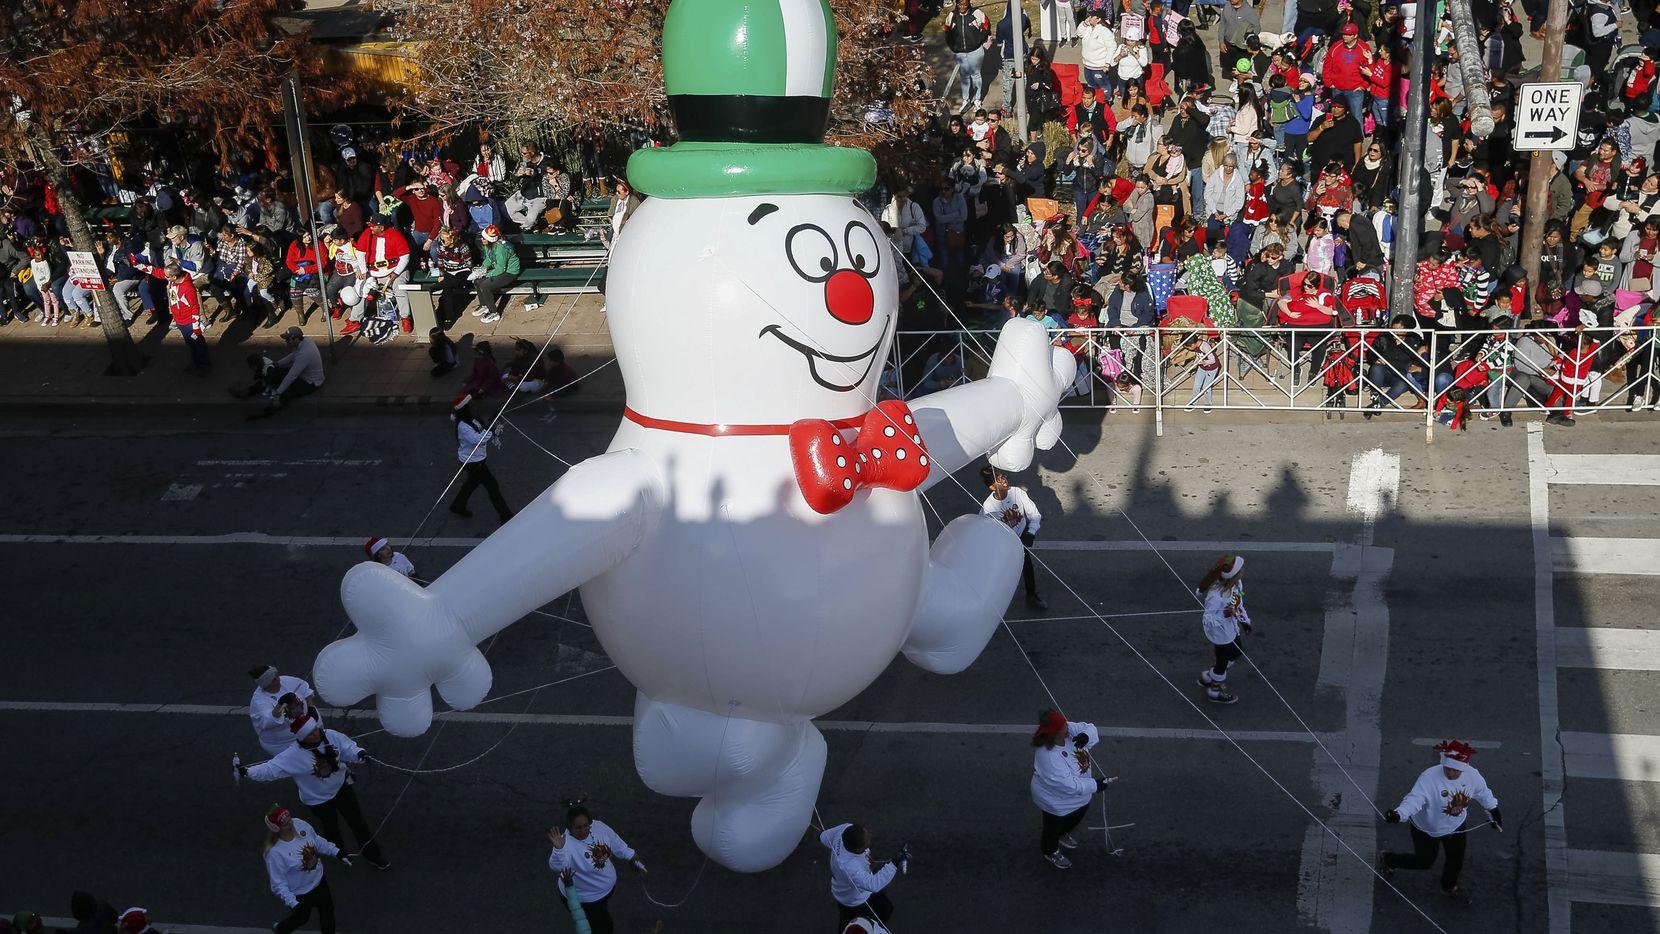 El Dallas Holiday Parade 2020 se transmitirá por televisión el 25 de diciembre.